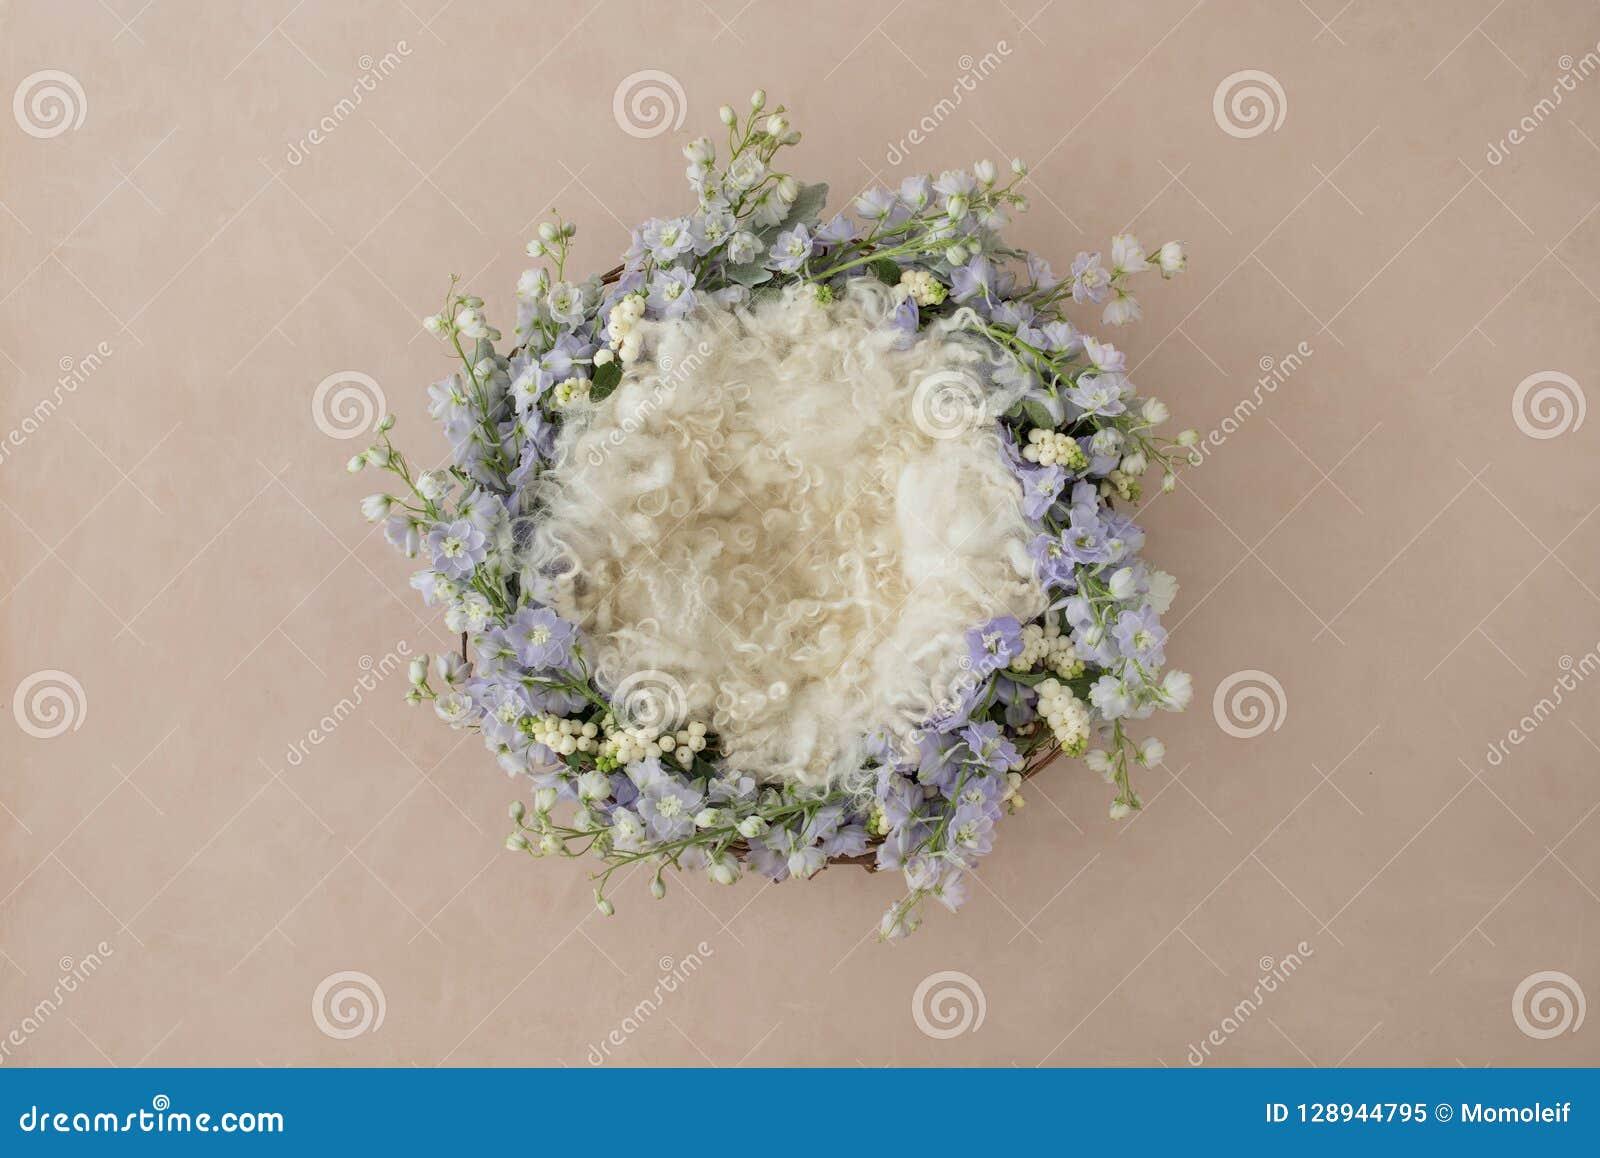 Fondo precioso para el bebé recién nacido, concepto de la flor de vagos recién nacidos